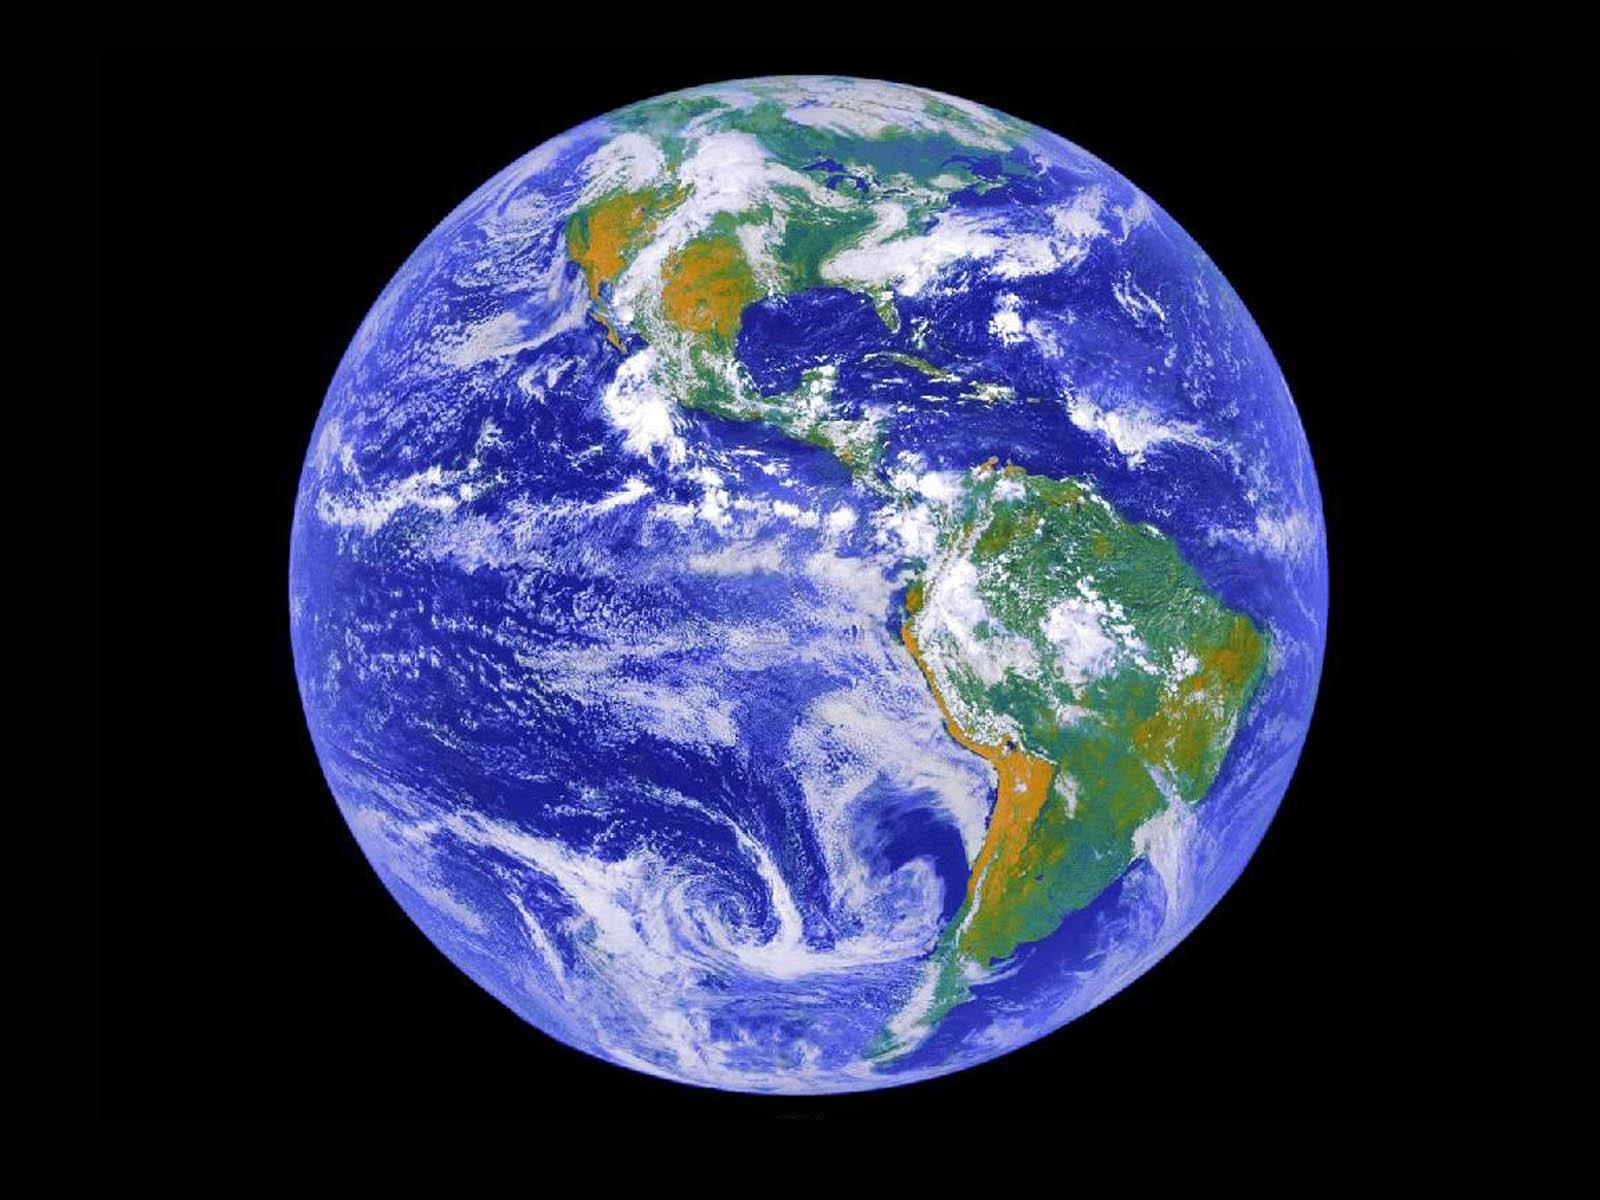 http://2.bp.blogspot.com/-2BhpjwNZZGk/T83VB4Om80I/AAAAAAAADtU/rvf6v0oqiPA/s1600/Planet%2BEarth%2B1.jpg